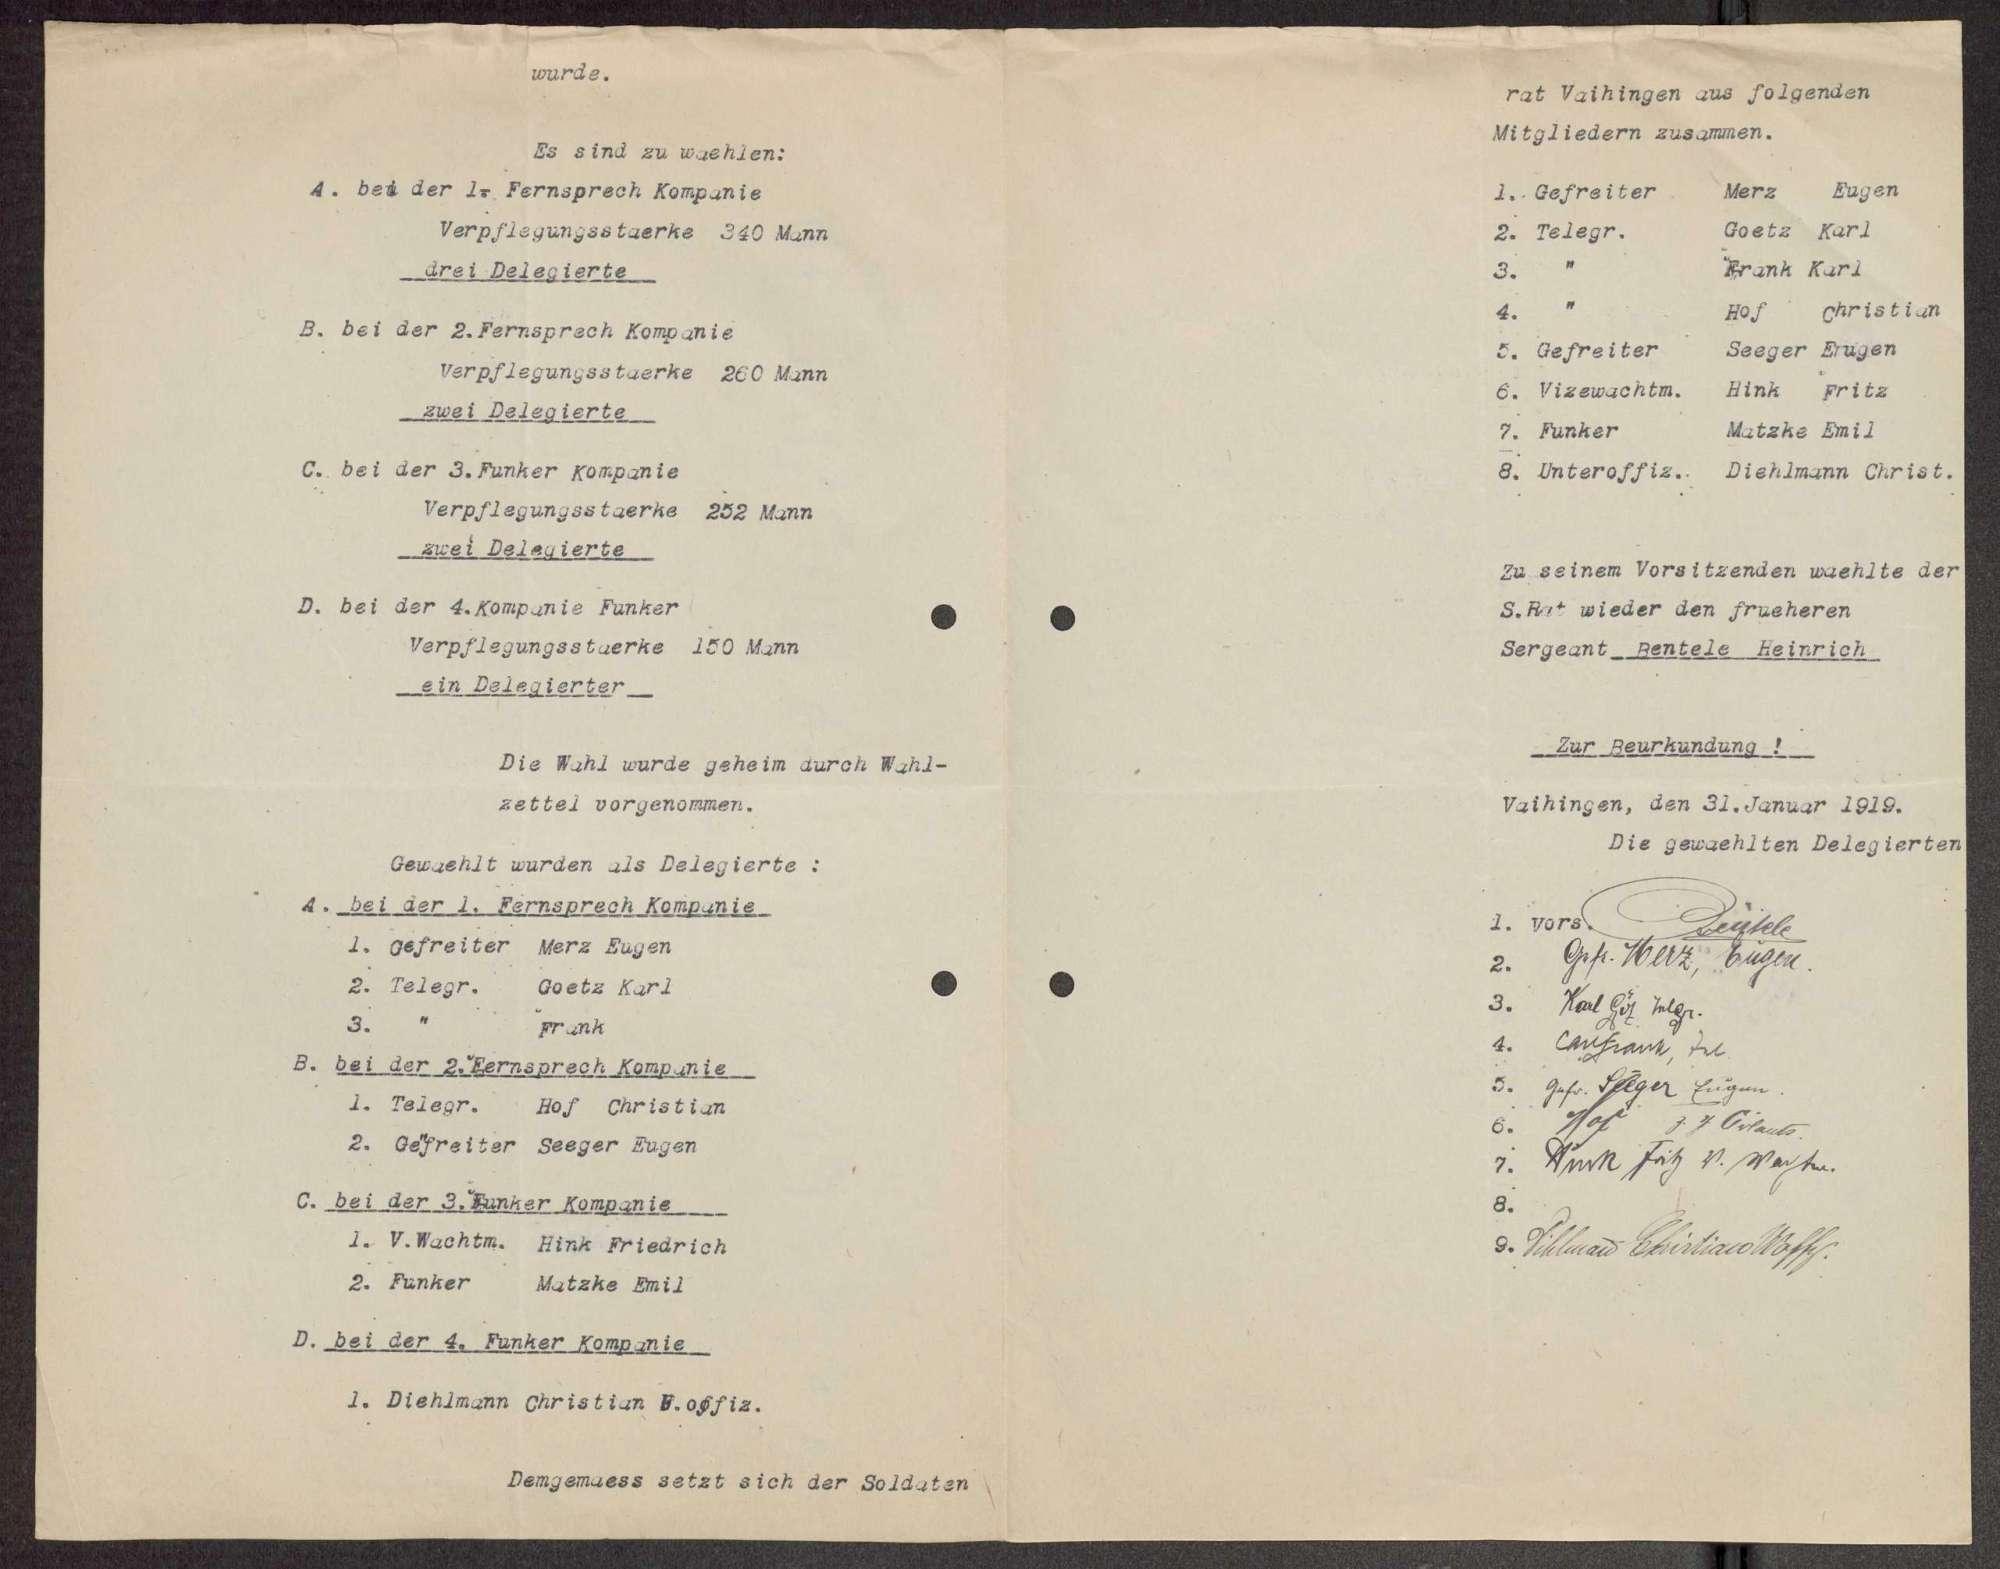 Garnisonsrat Vaihingen auf den Fildern: Wahlen und Zusammensetzung, Aufhebung, Bild 3